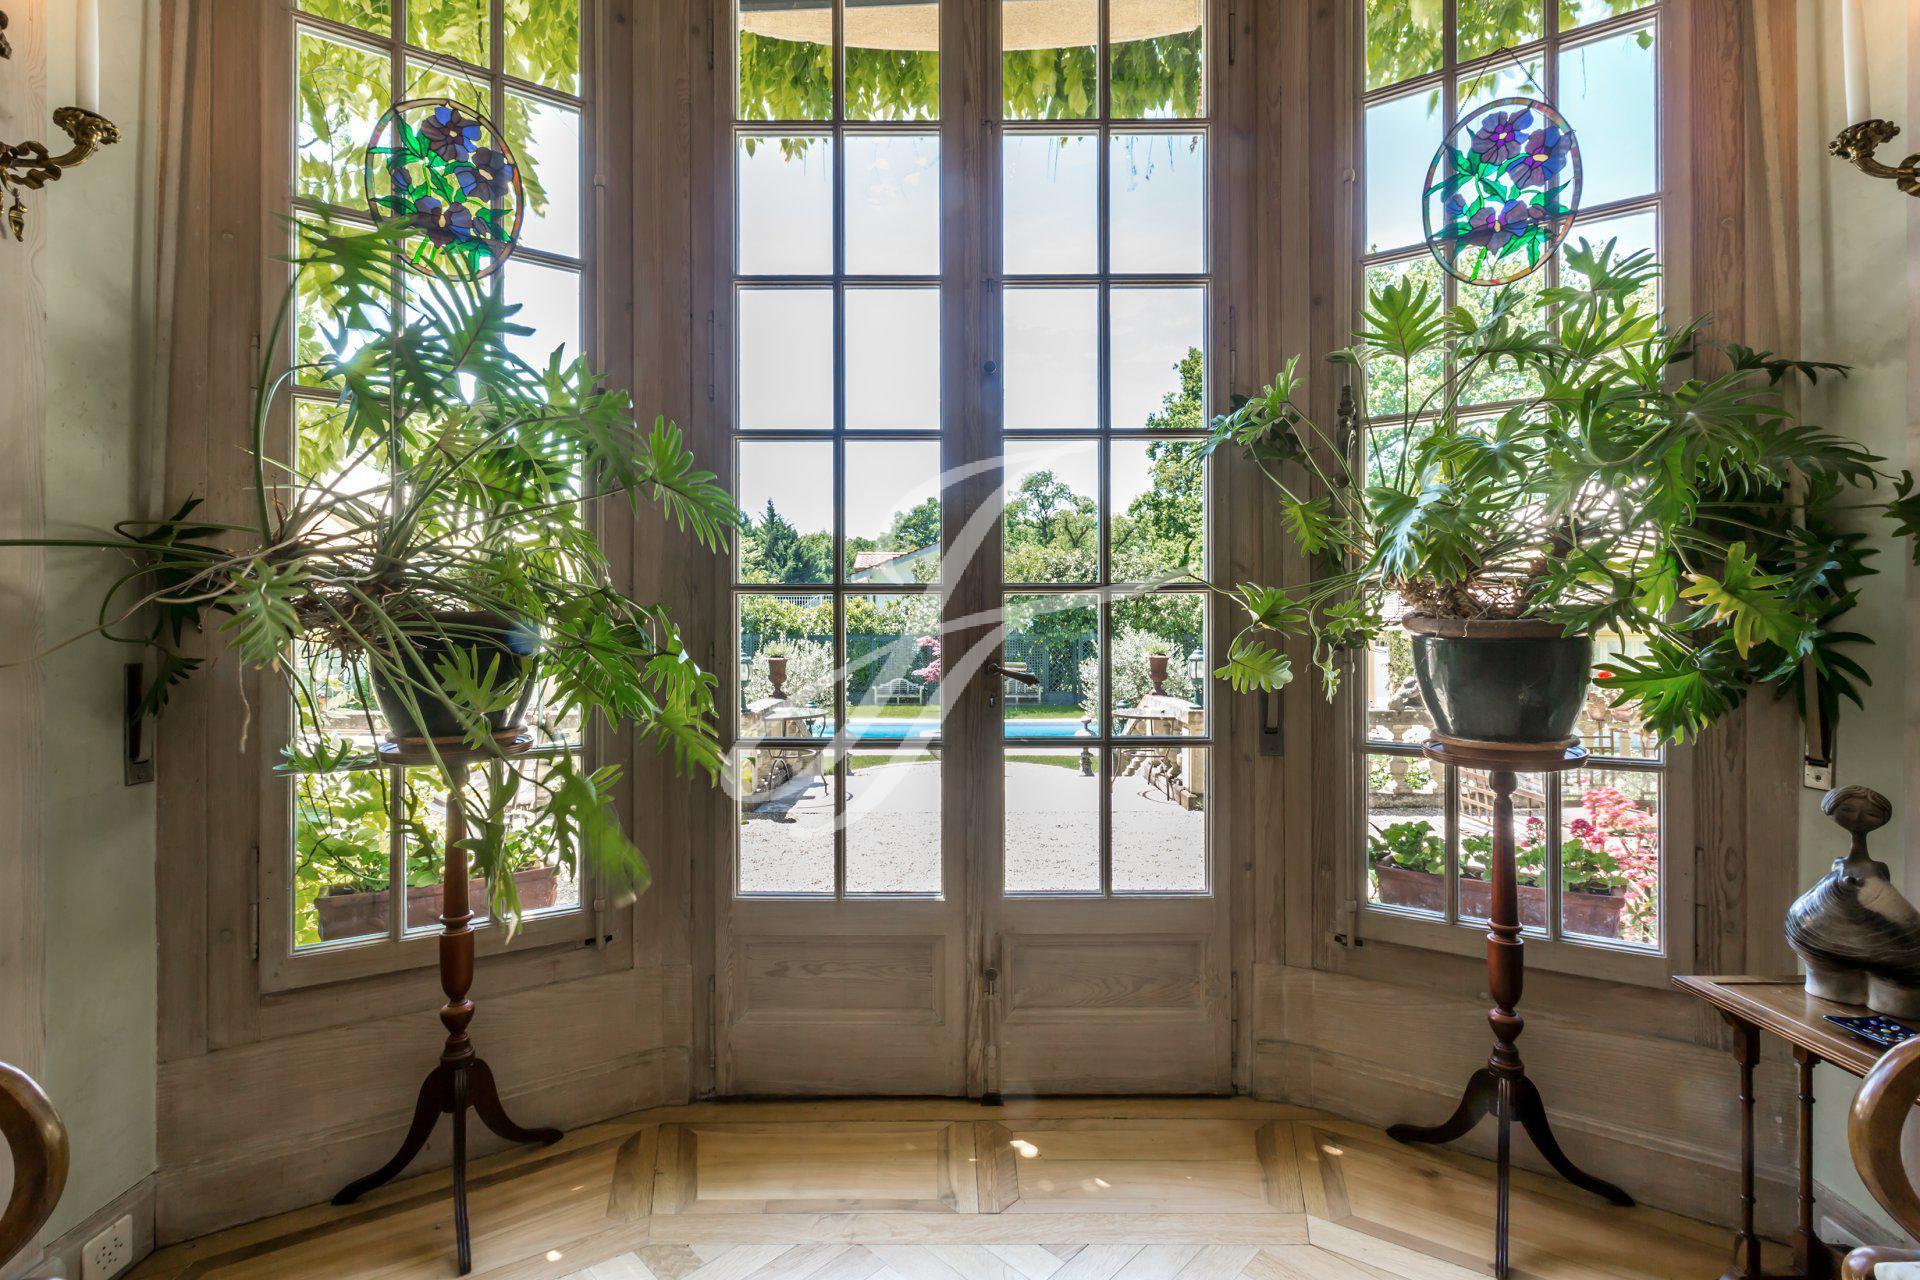 Maison de luxe à vendre à Genève, Suisse  John Taylor Switzerland  FINEST RESIDENCES